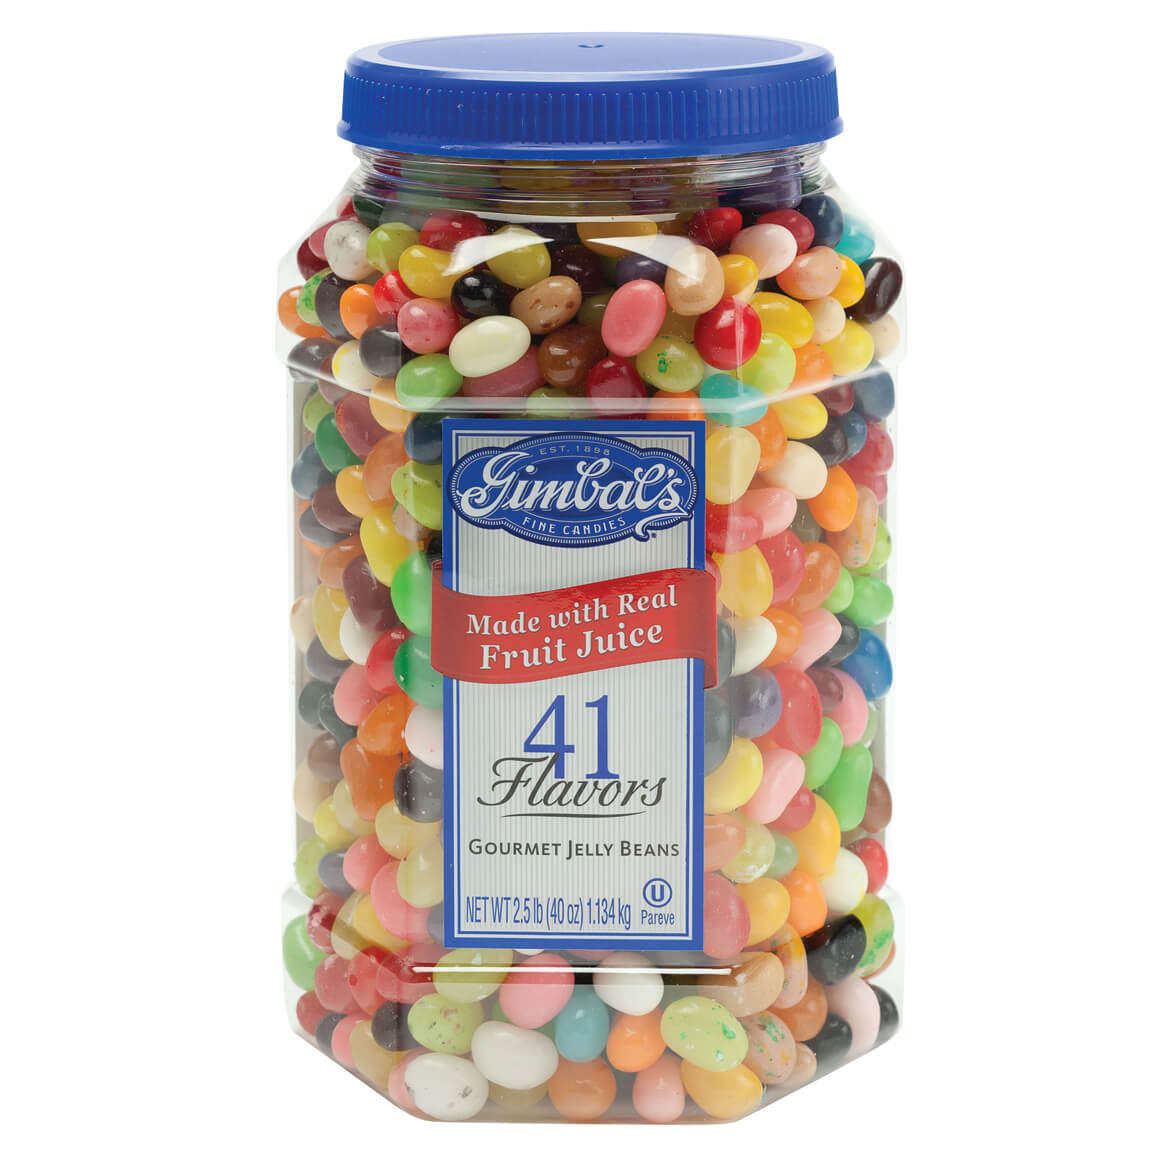 Gimbal's Gourmet Jelly Bean Jar, 40 oz.-347267